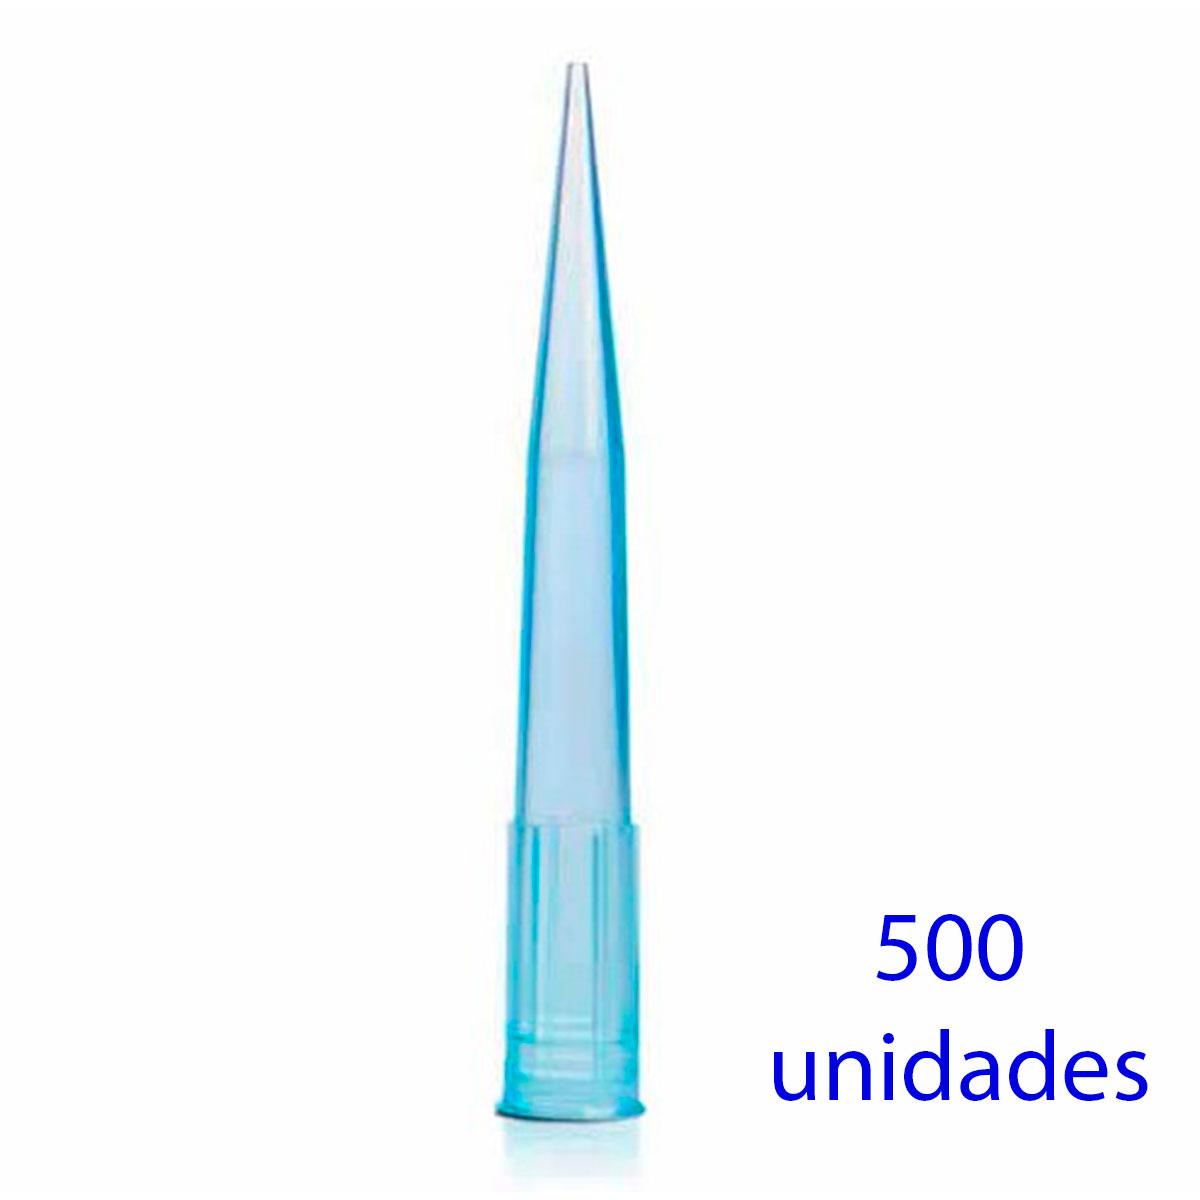 PONTEIRA SEM FILTRO 100-1000UL TIPO GILSON, AZUL. 500UN/PCT